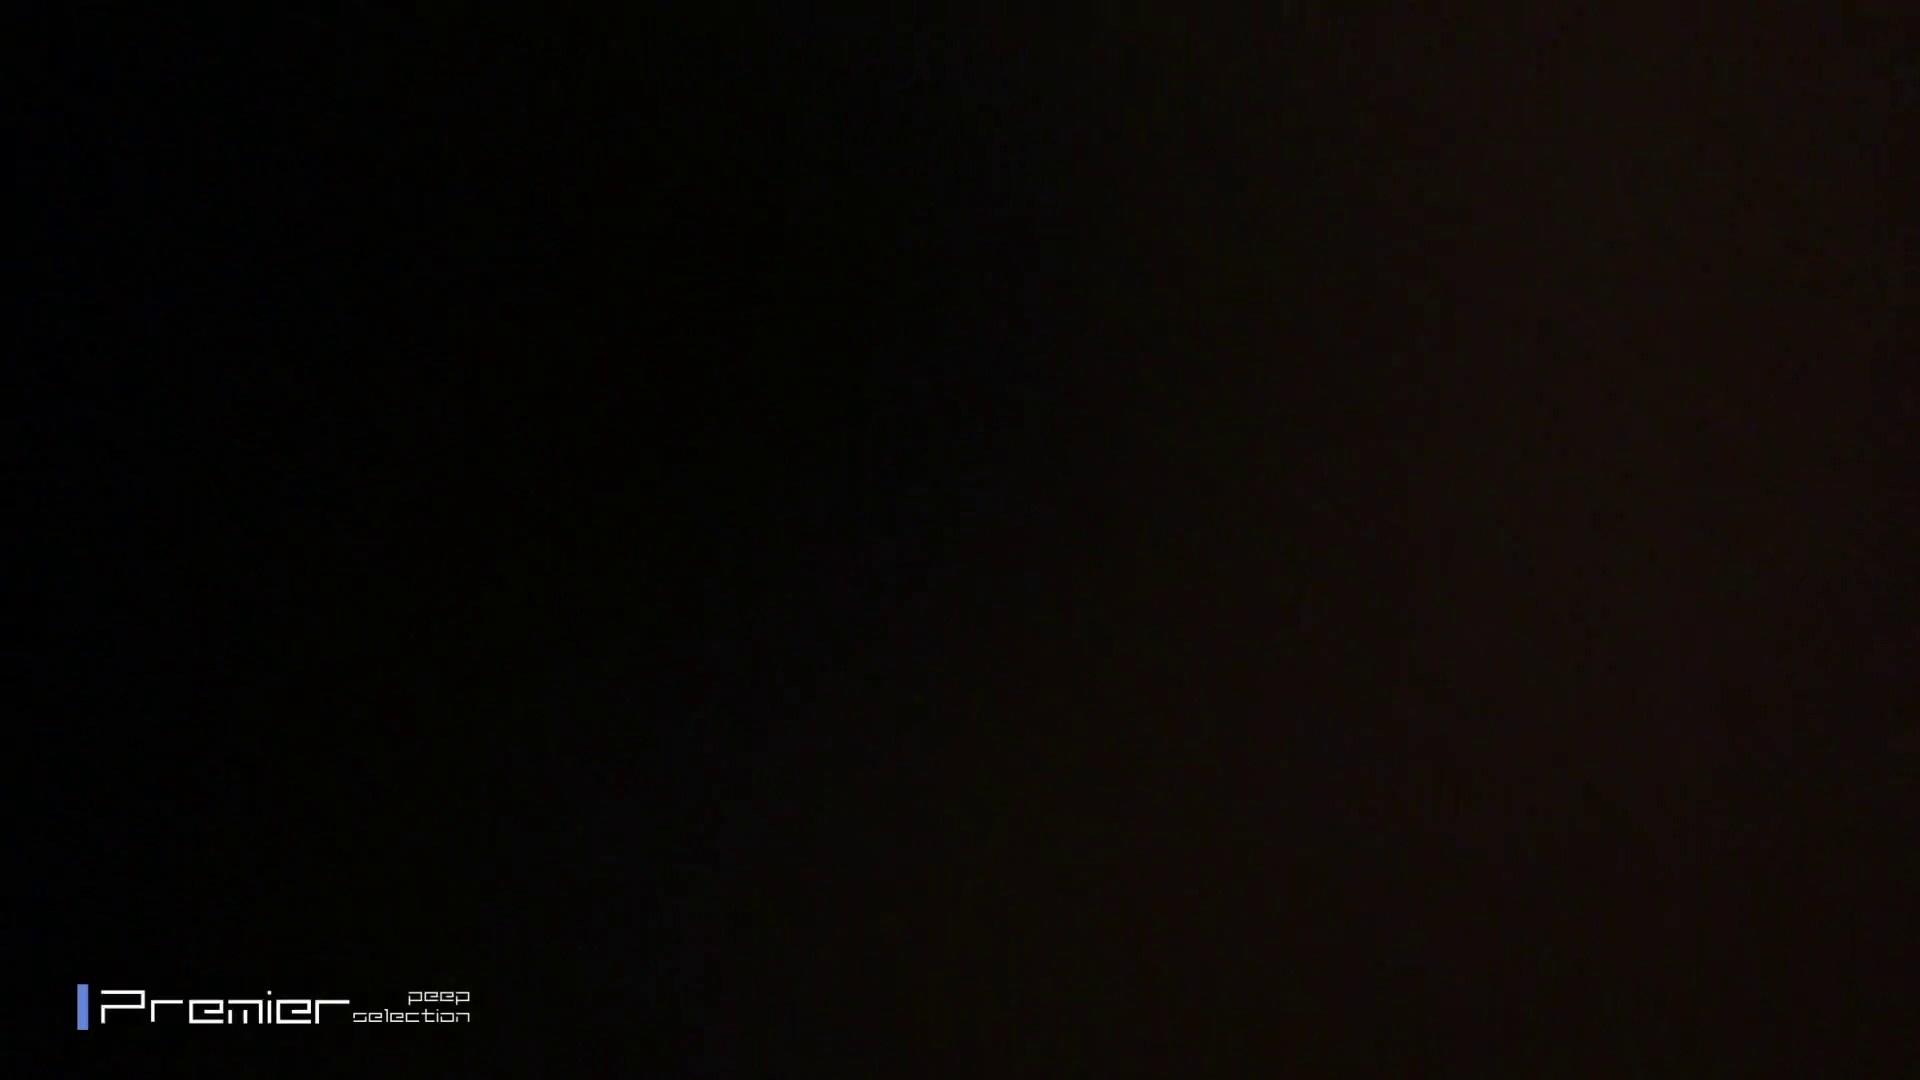 臨場感抜群!美人 OL の入浴シーン未公開版  美女達の私生活に潜入! 美女のボディ AV無料動画キャプチャ 98PIX 8